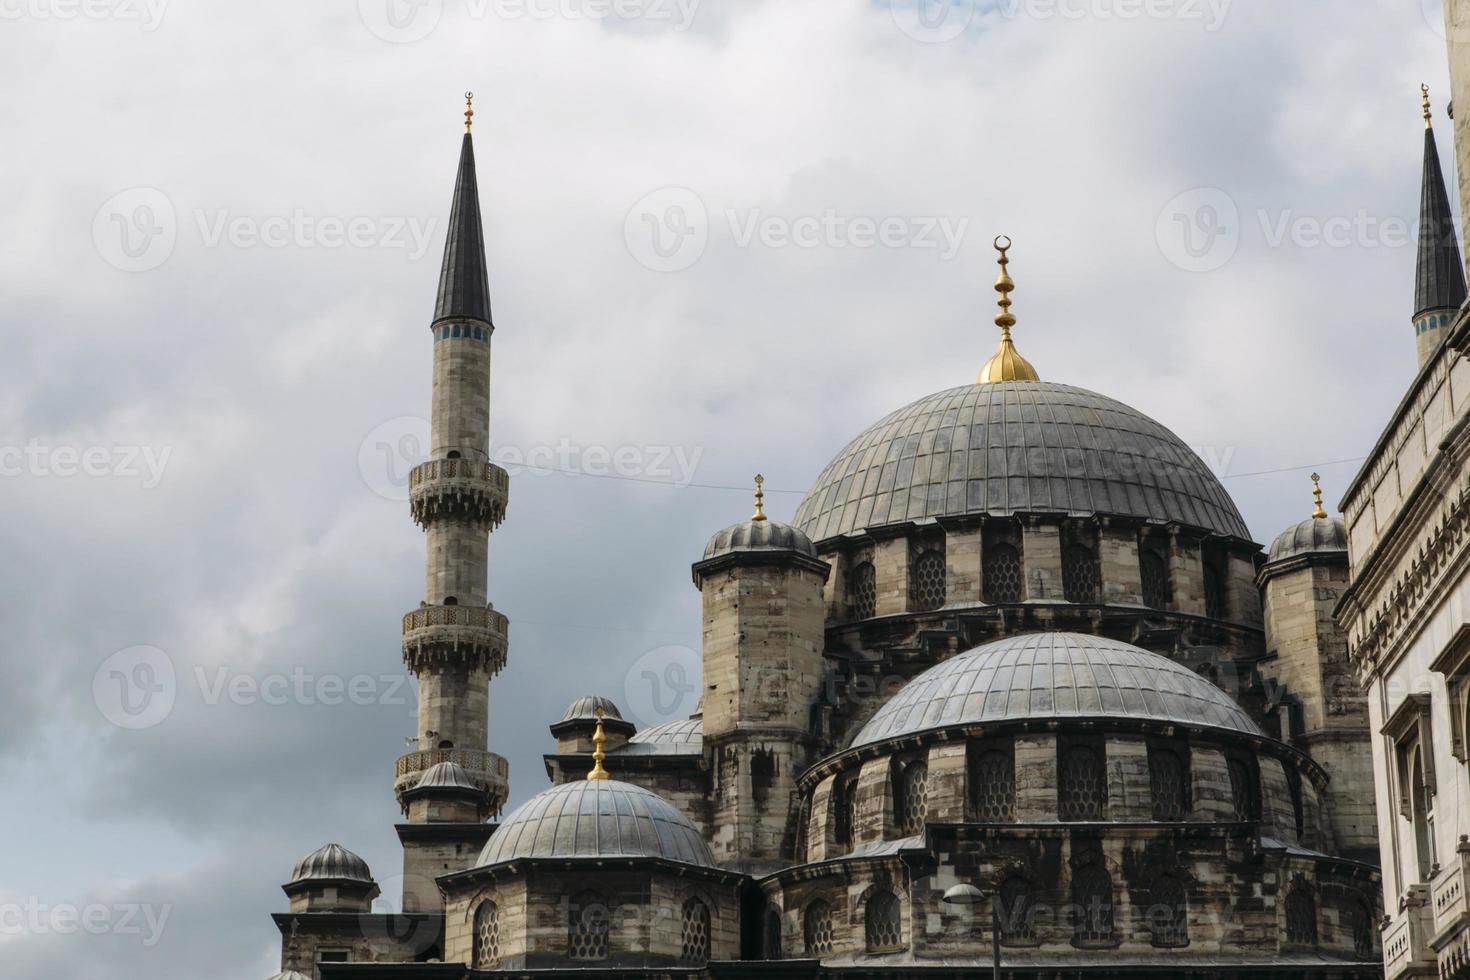 Yeni Cami, neue Moschee, berühmte Architektur von Istanbul. foto